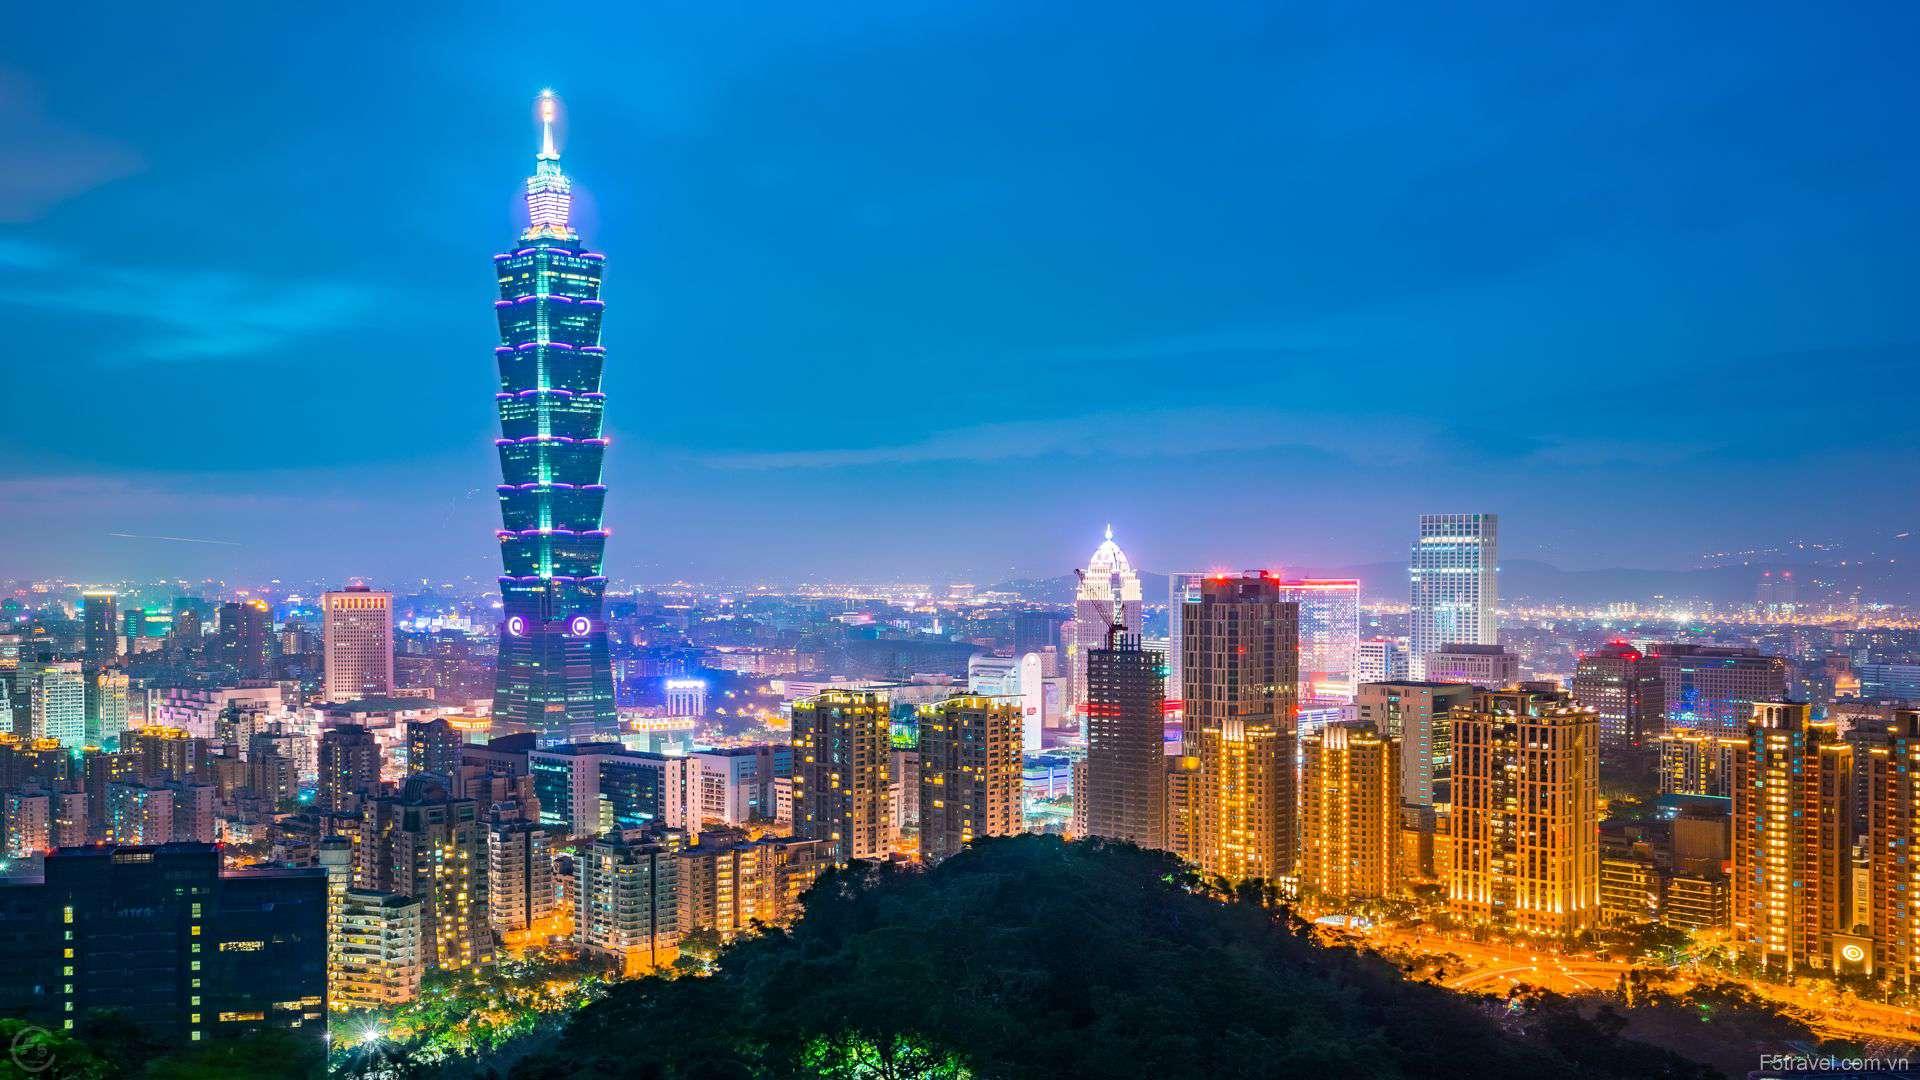 Taiwan taipeitower 1920x1080 - Tour mới